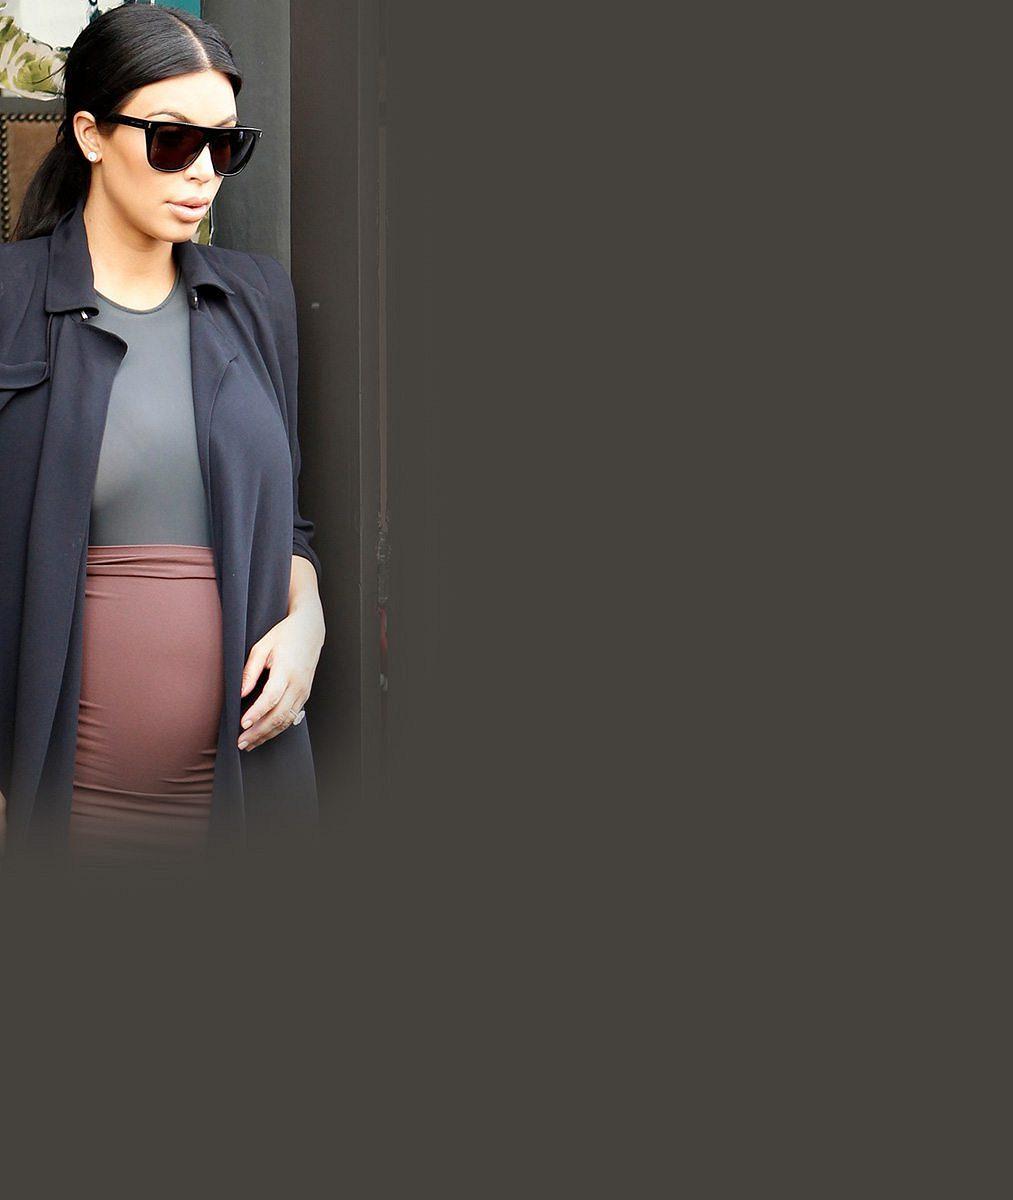 Těhotenství opravdu nefinguje: Kim Kardashian odhalila bříško v pátém měsíci